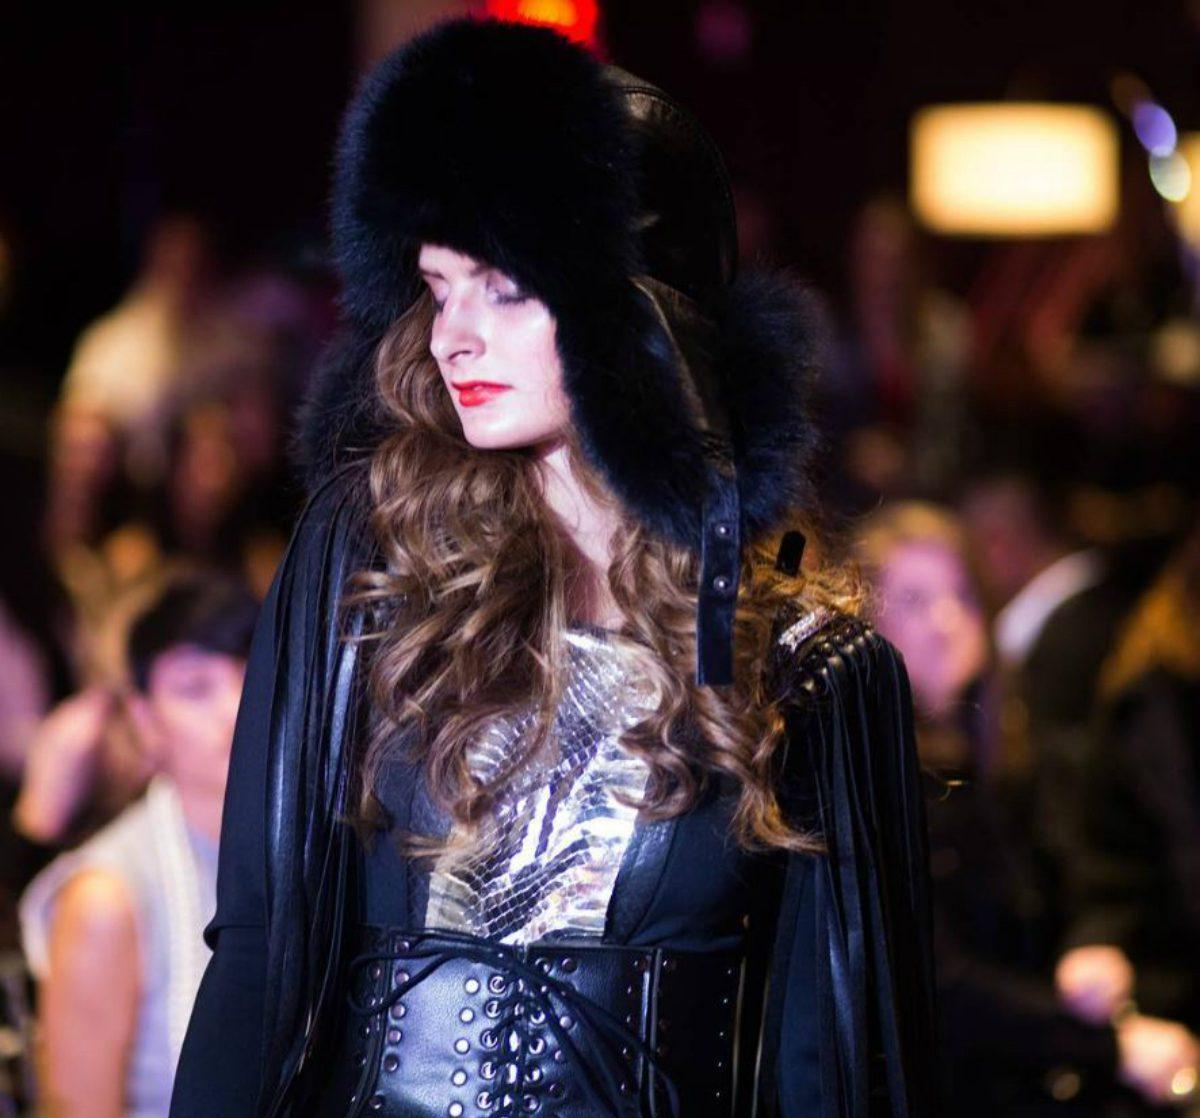 #MeToo Fashion Show